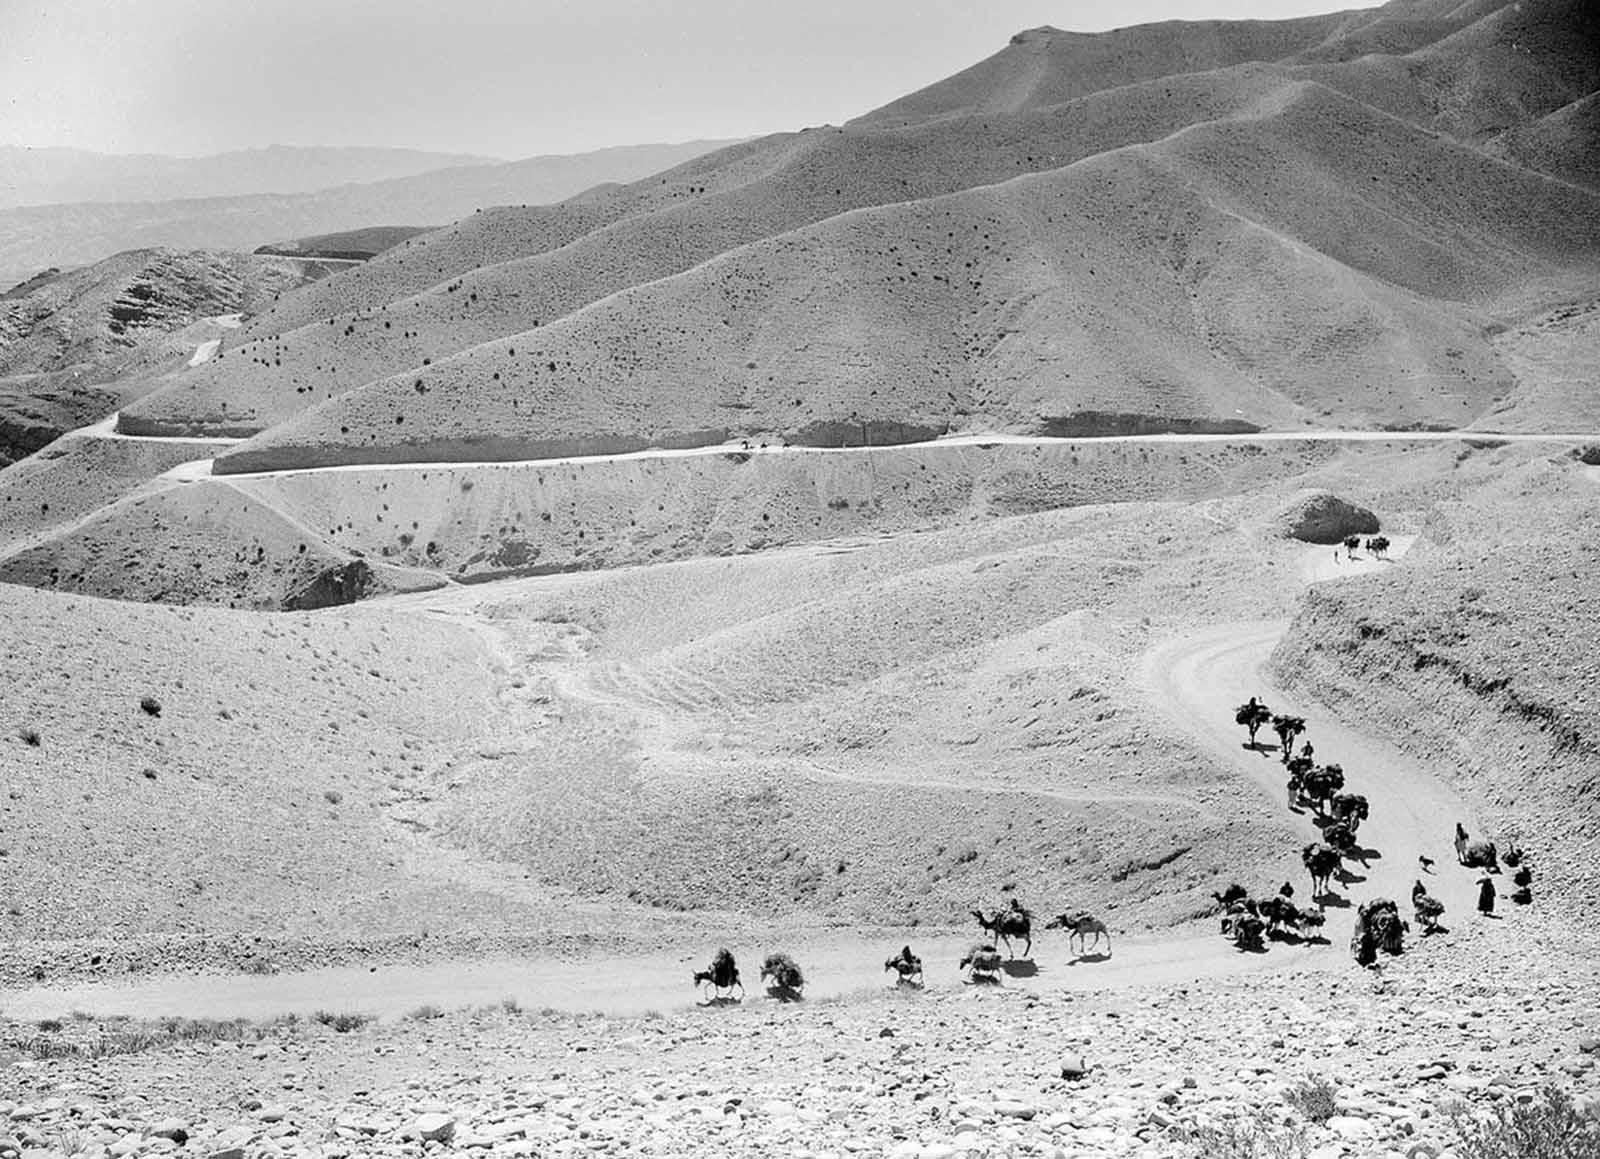 Una caravana de mulas y camellos cruzan los altos y sinuosos senderos del Paso de Lataband en Afganistán en el camino a Kabul, el 8 de octubre de 1949.